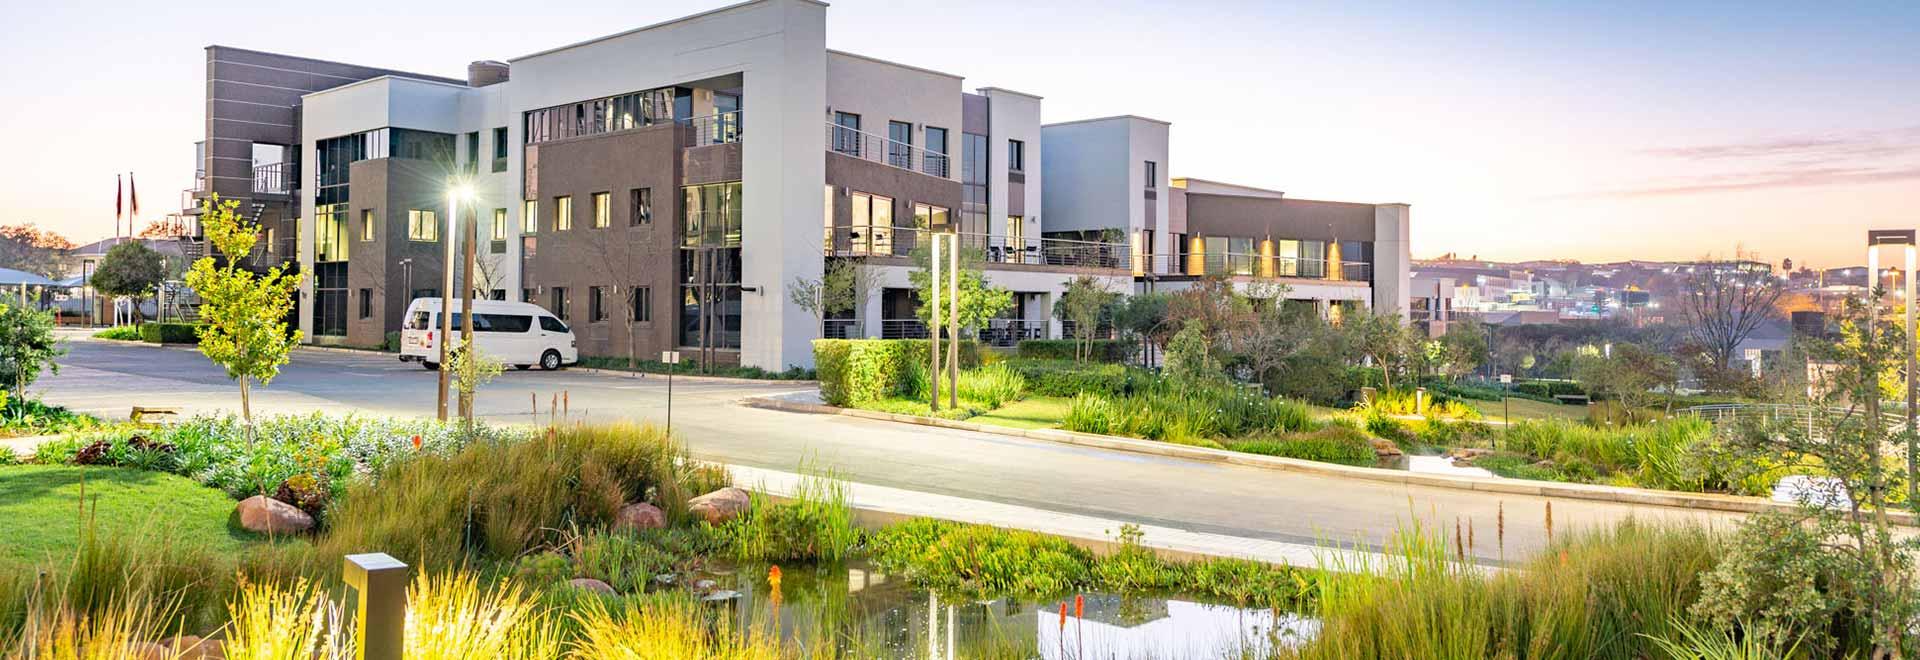 Herford Office Park